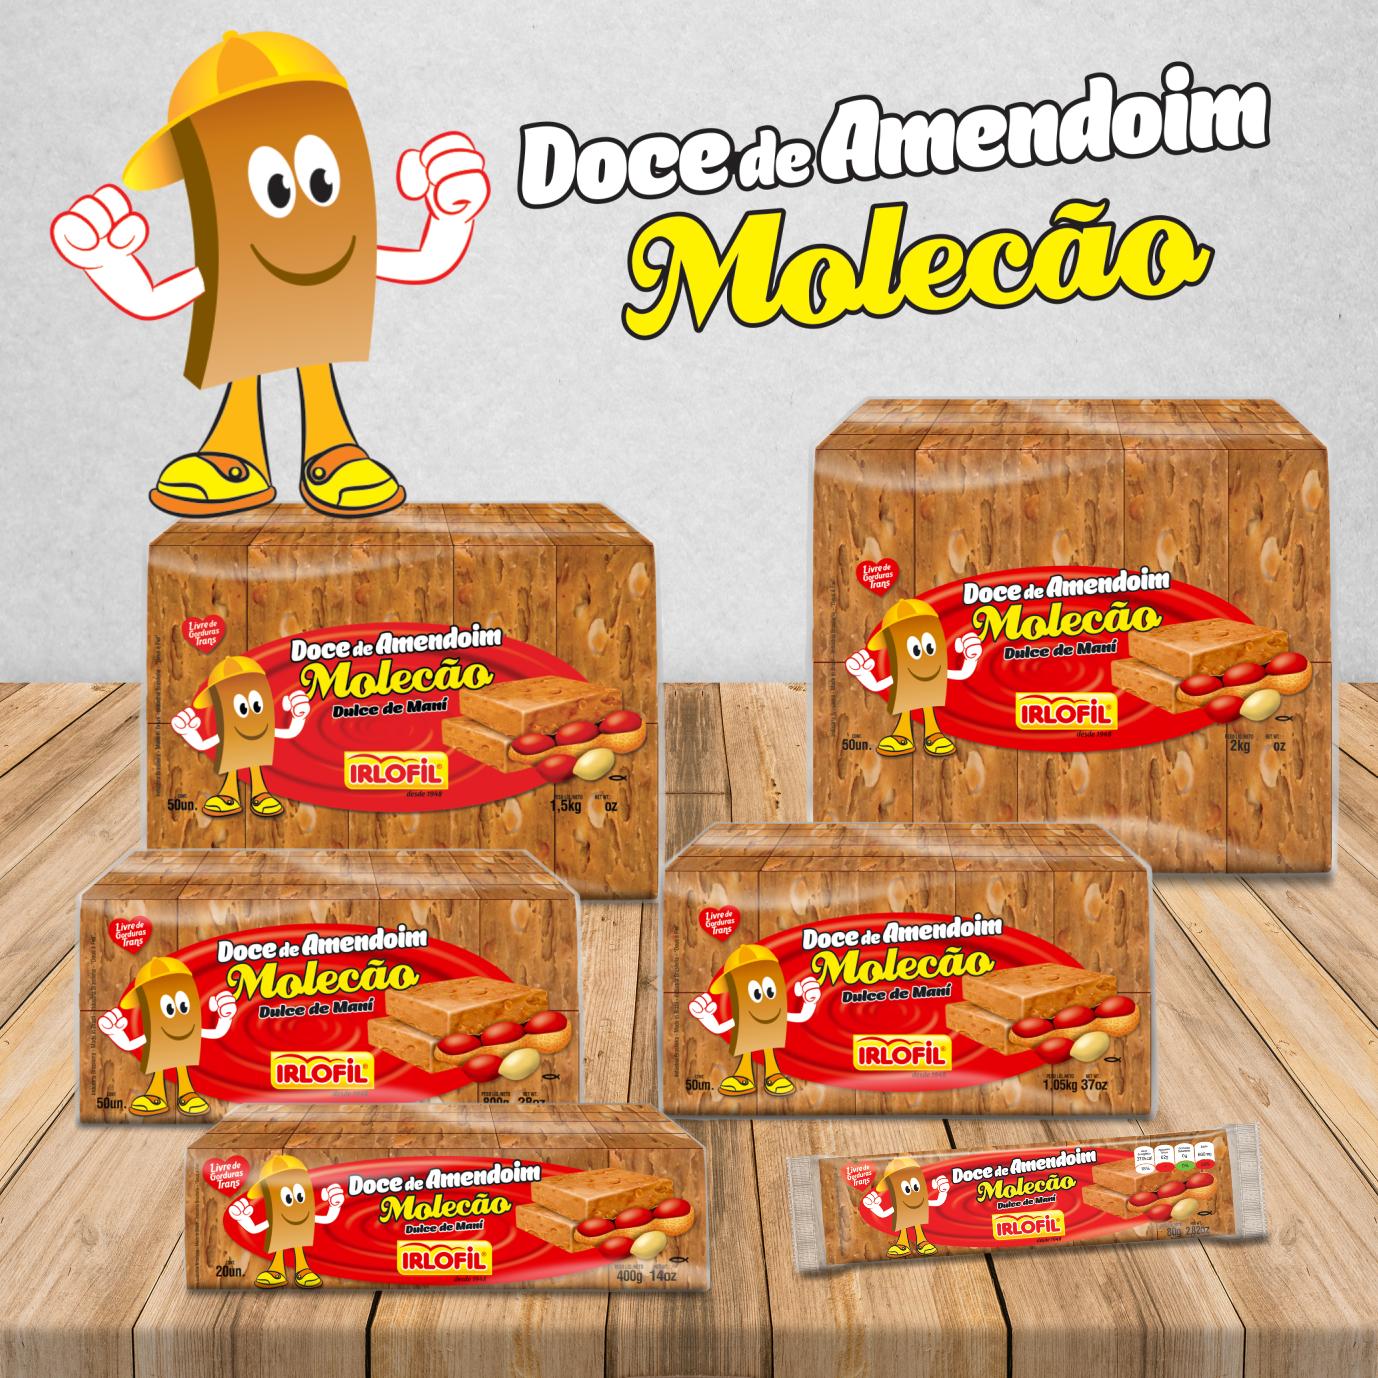 doce-de-amendoim-molecao